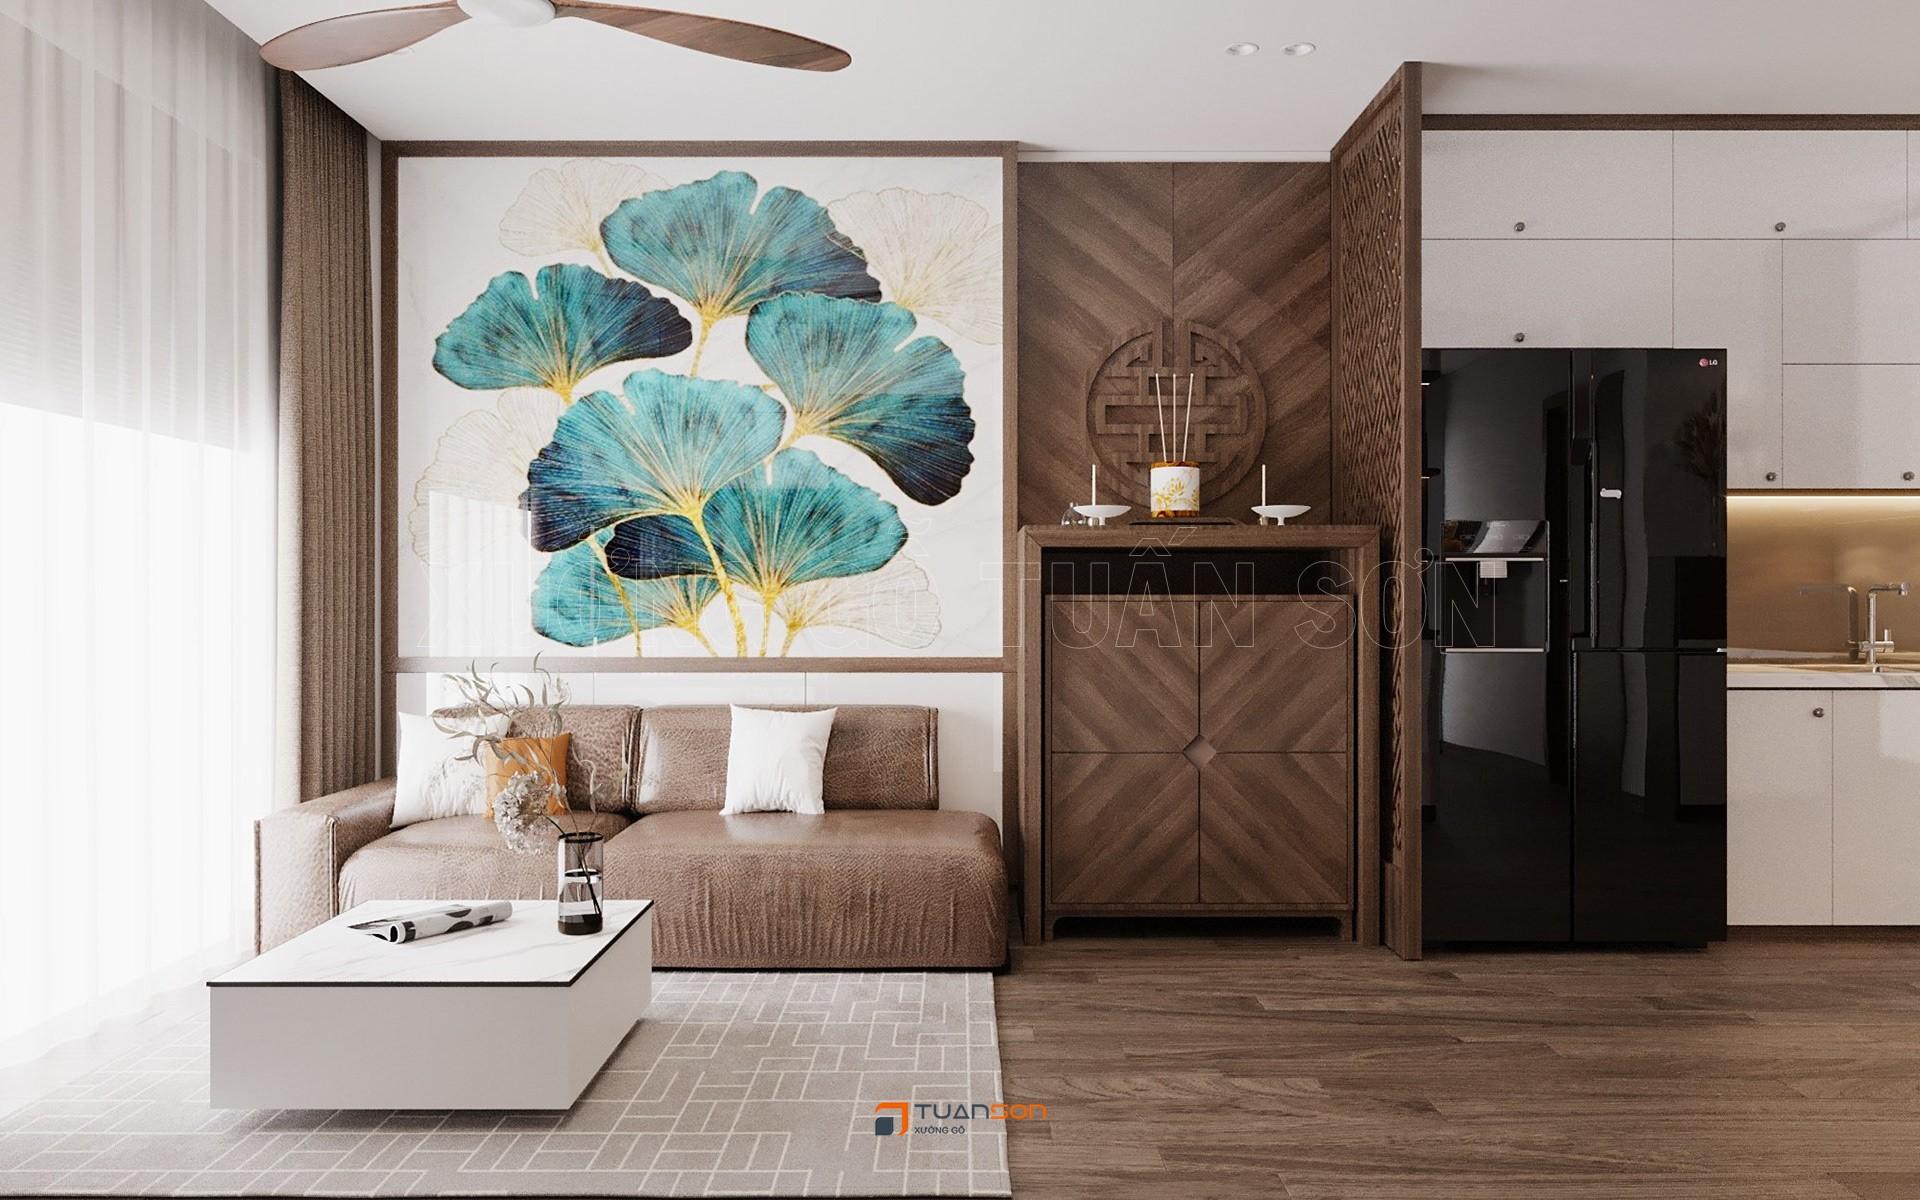 Thiết kế nội thất căn hộ 2PN+2WC (62m2) S1.01 Vinhomes Ocean Park Gia Lâm